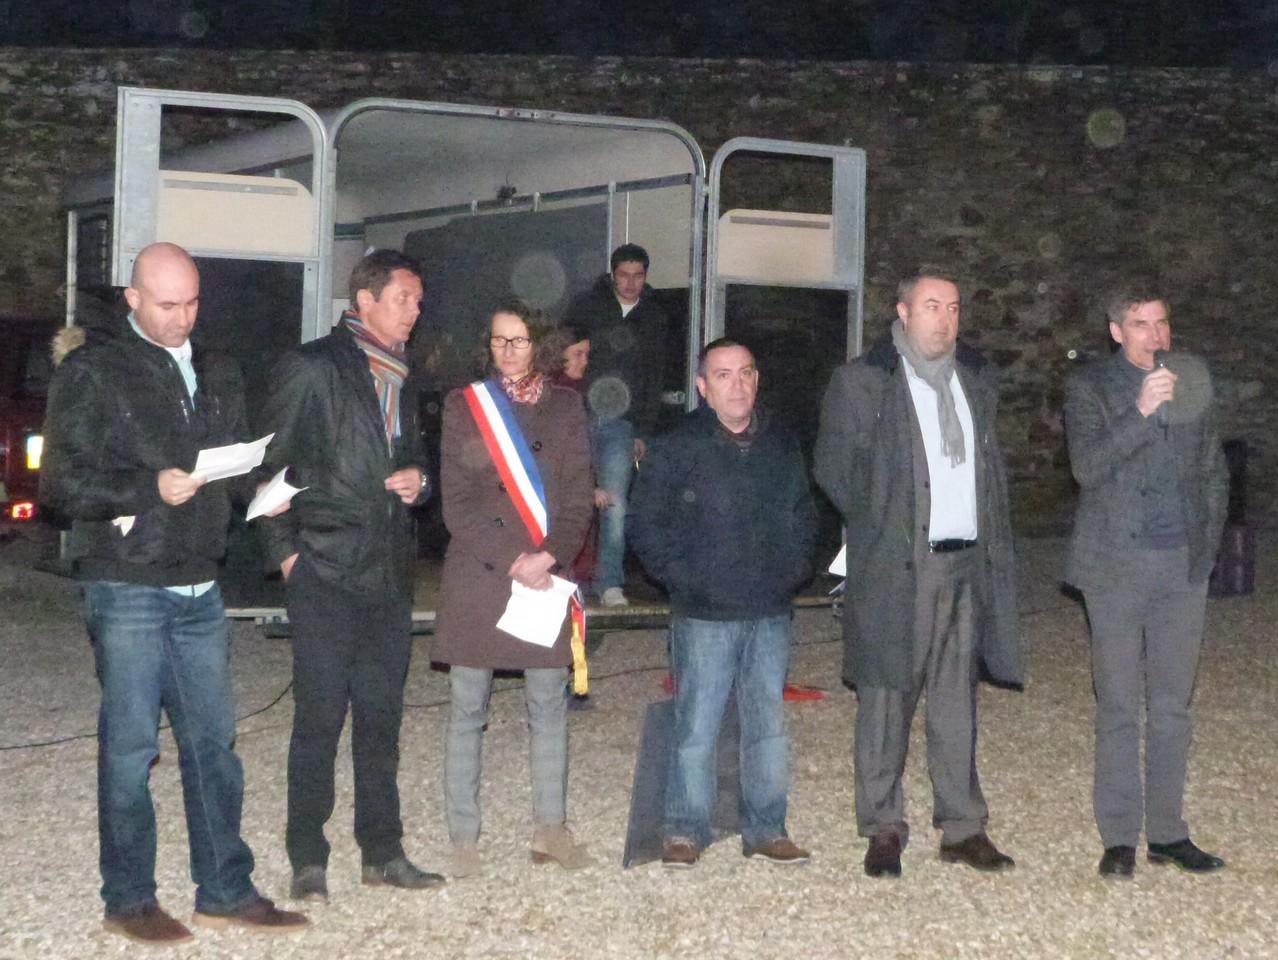 De gauche à droite : M Garcia, M Cuchot, Mme Desforges, M Martinez, M François, M de Goulaine